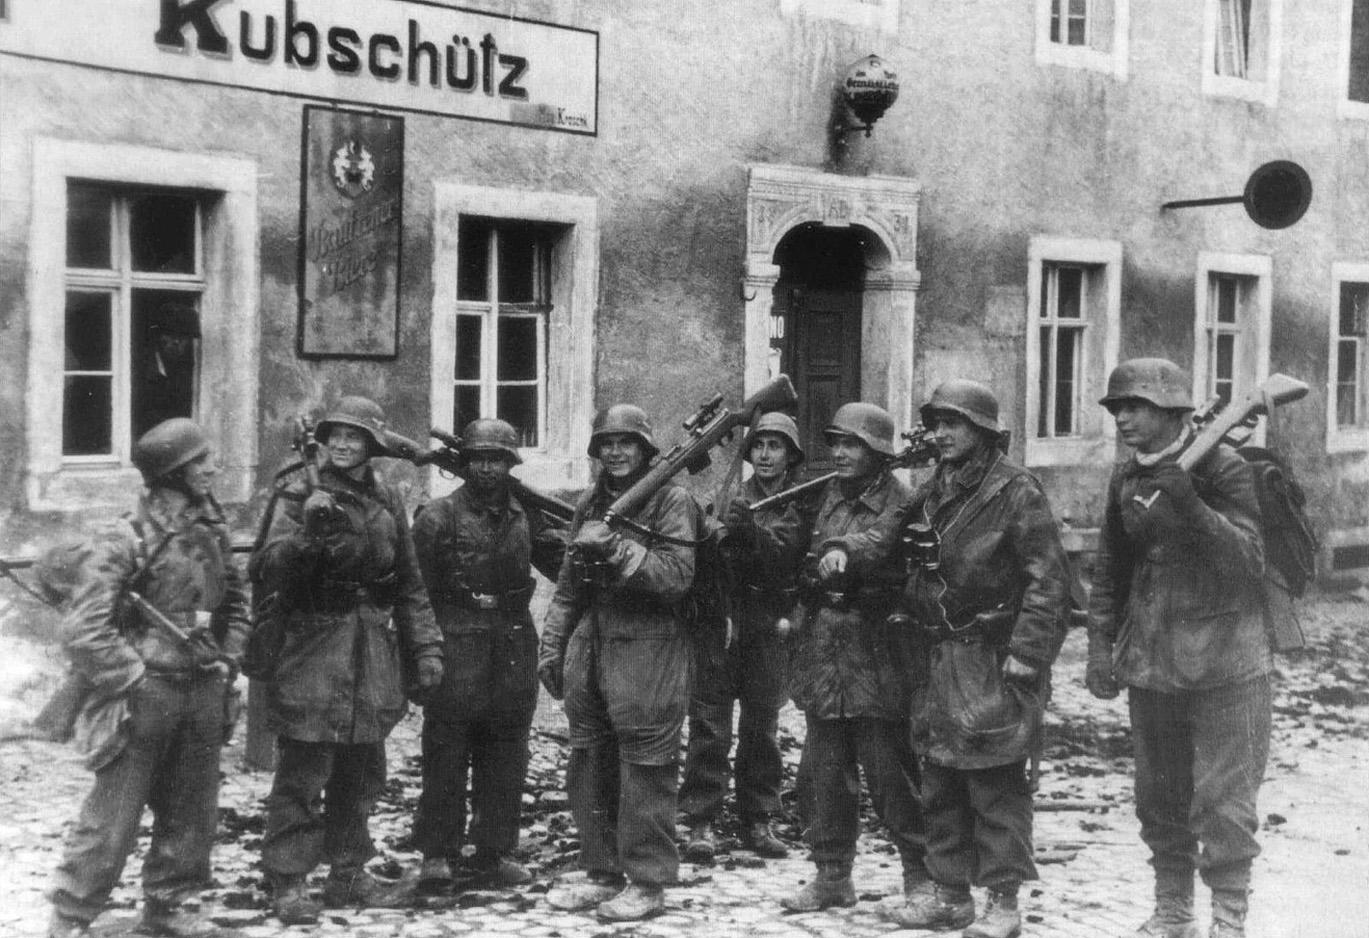 Снайперы из дивизии «Герман Геринг» с винтовками G43/K43. Баутцен, апрель 1945 года